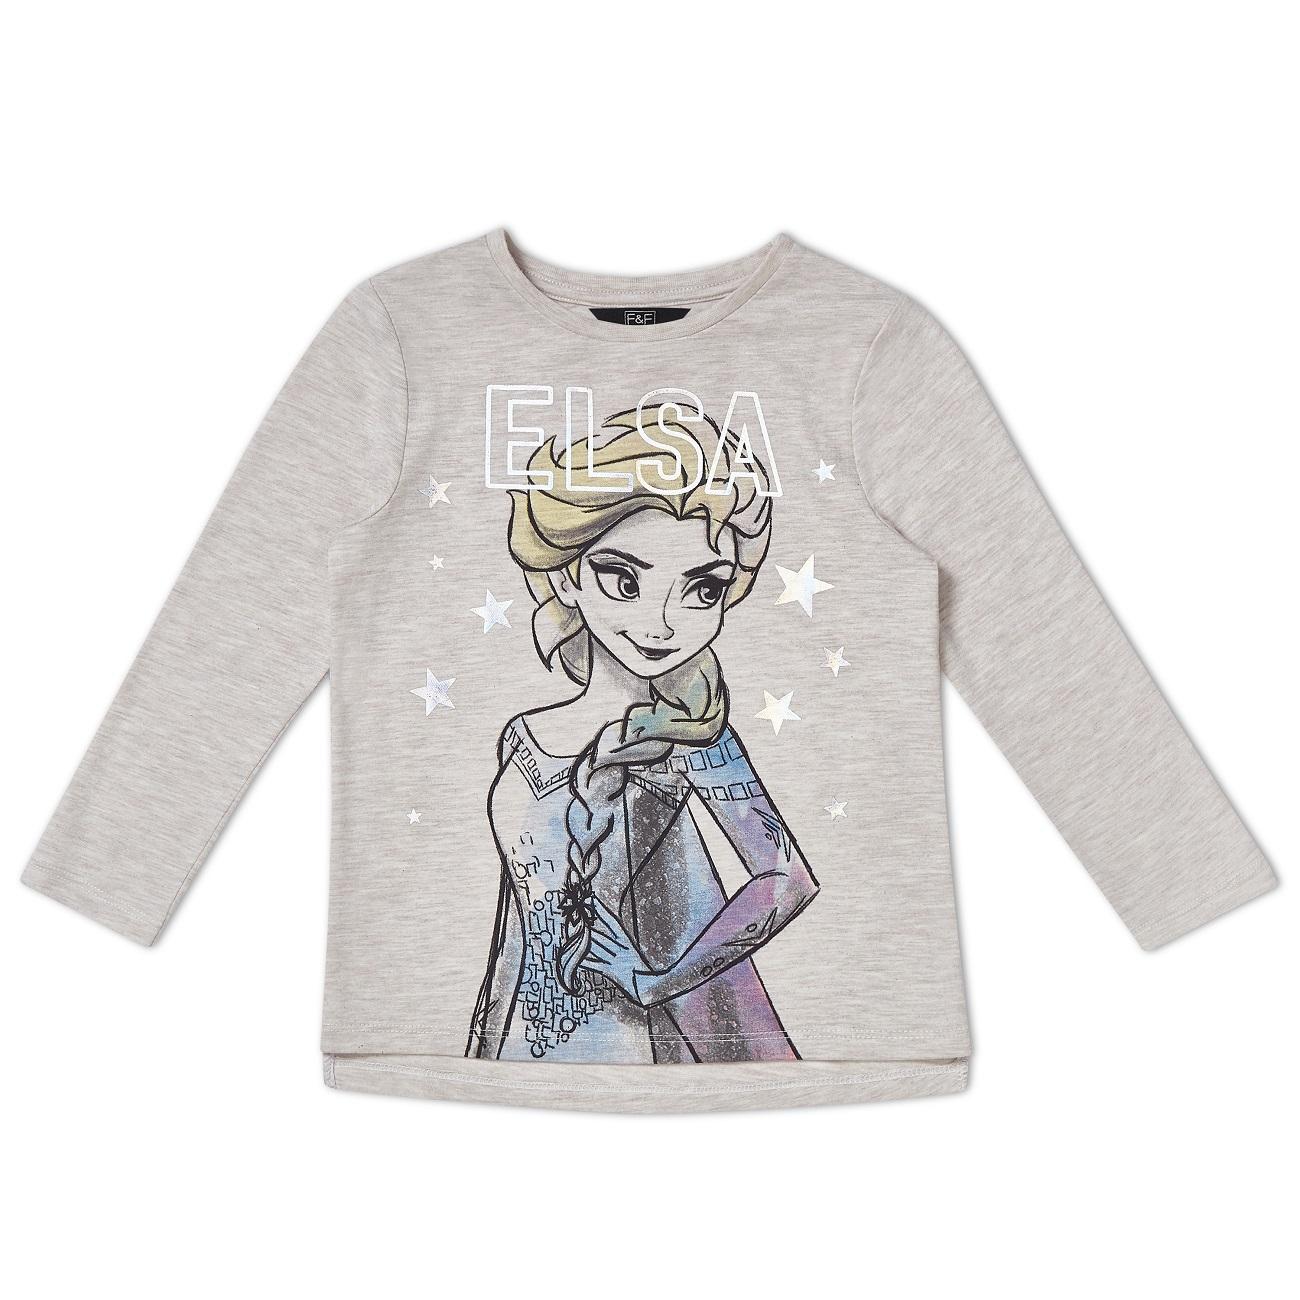 6. kép: Elsa póló – 2490 Ft